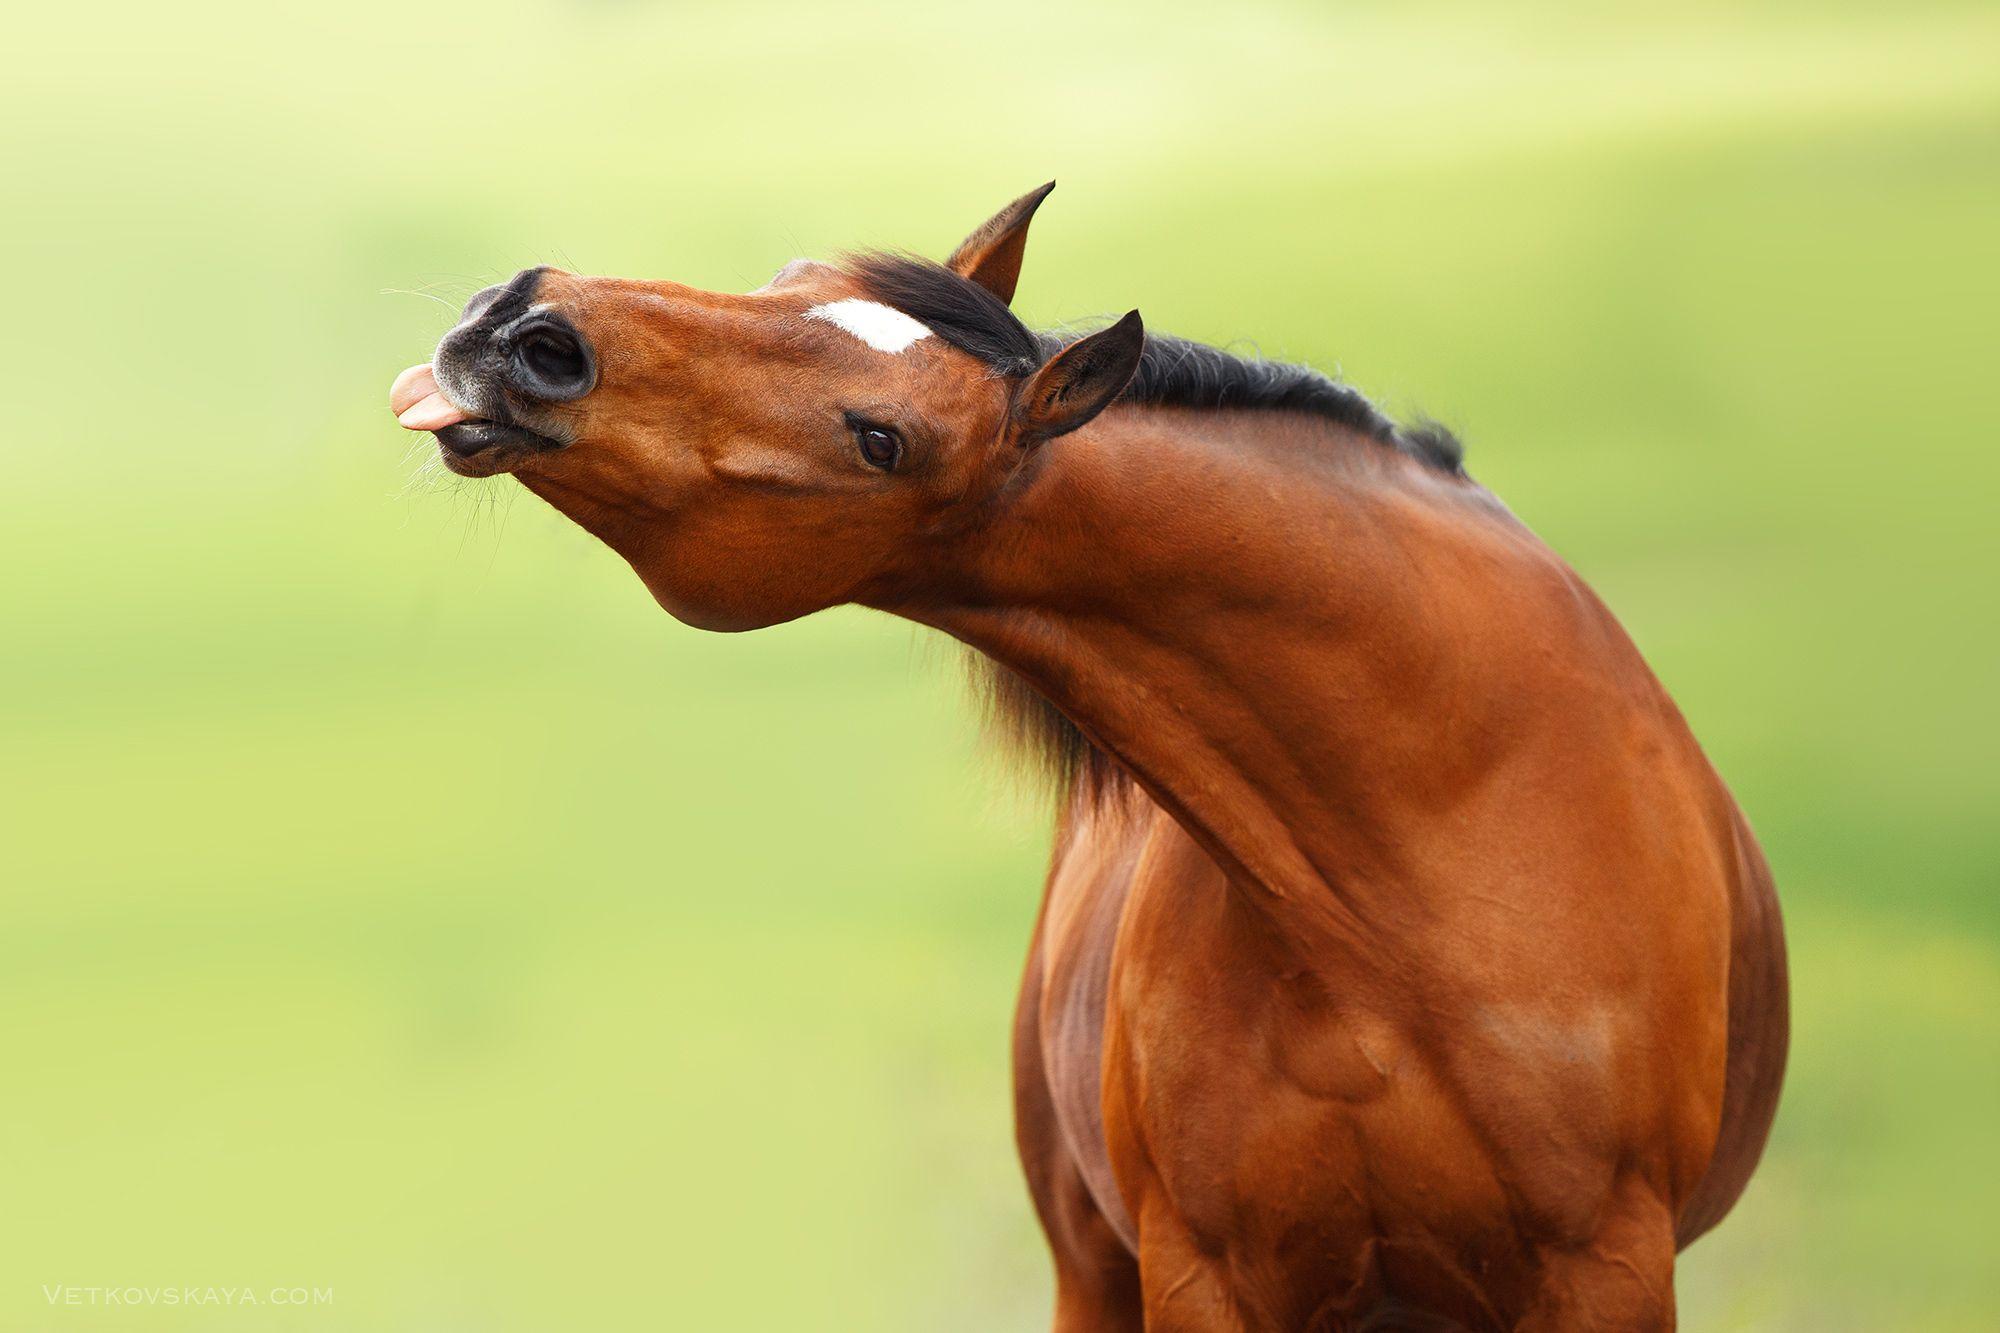 приколы картинки с лошадями дробовиков являются